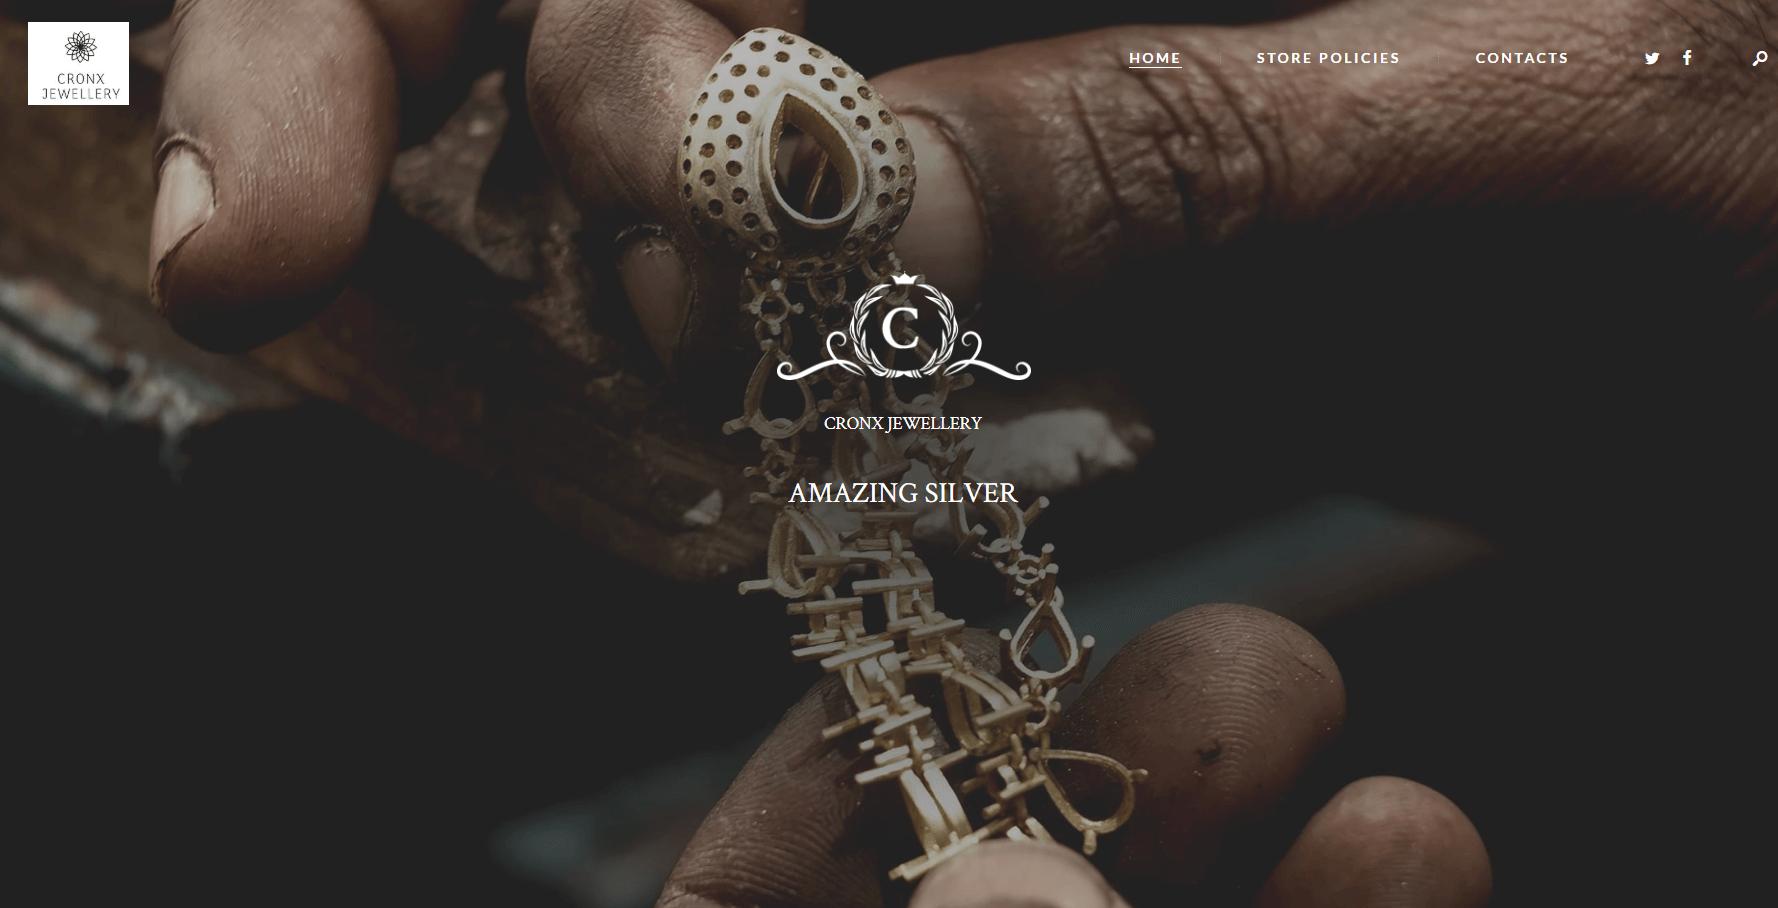 cronxjewellery